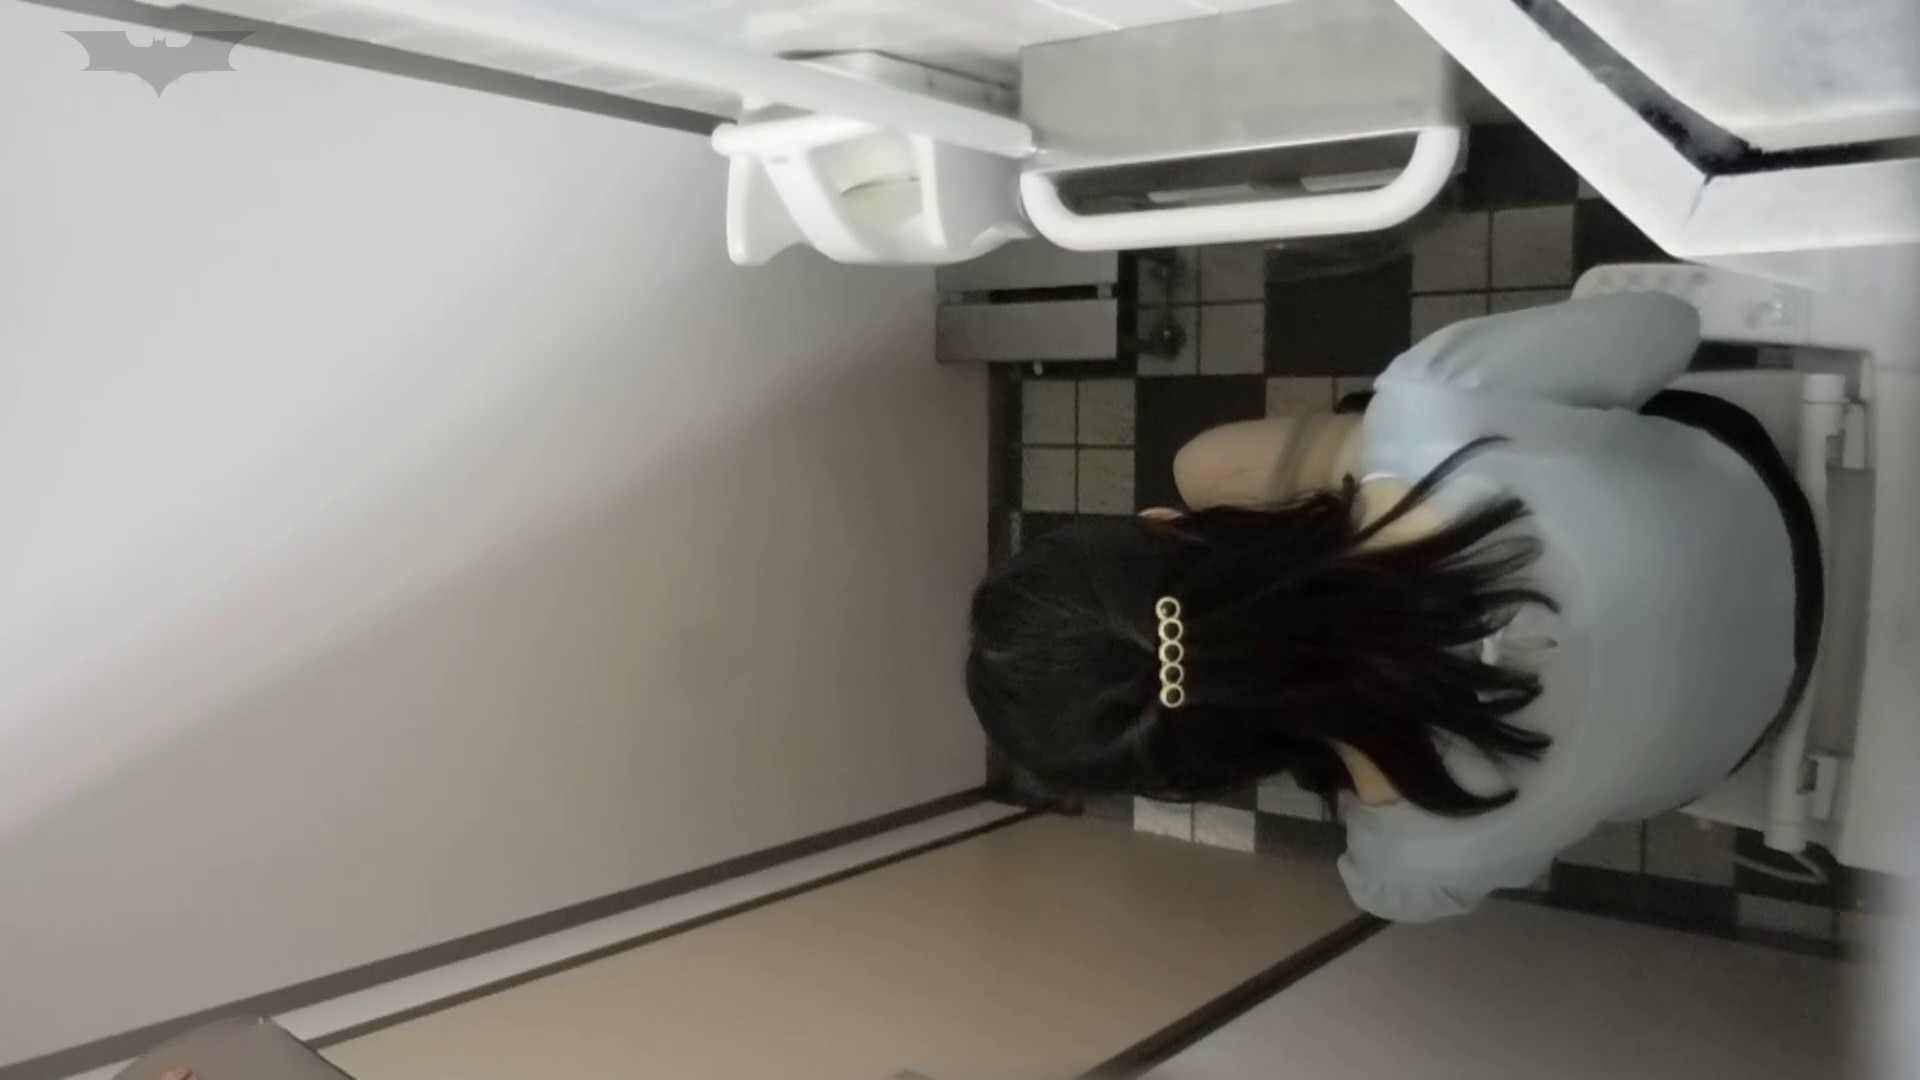 化粧室絵巻 駅舎編 VOL.21 ヨリドリミドリ!!選びたい放題です。 洗面所シーン  105画像 45